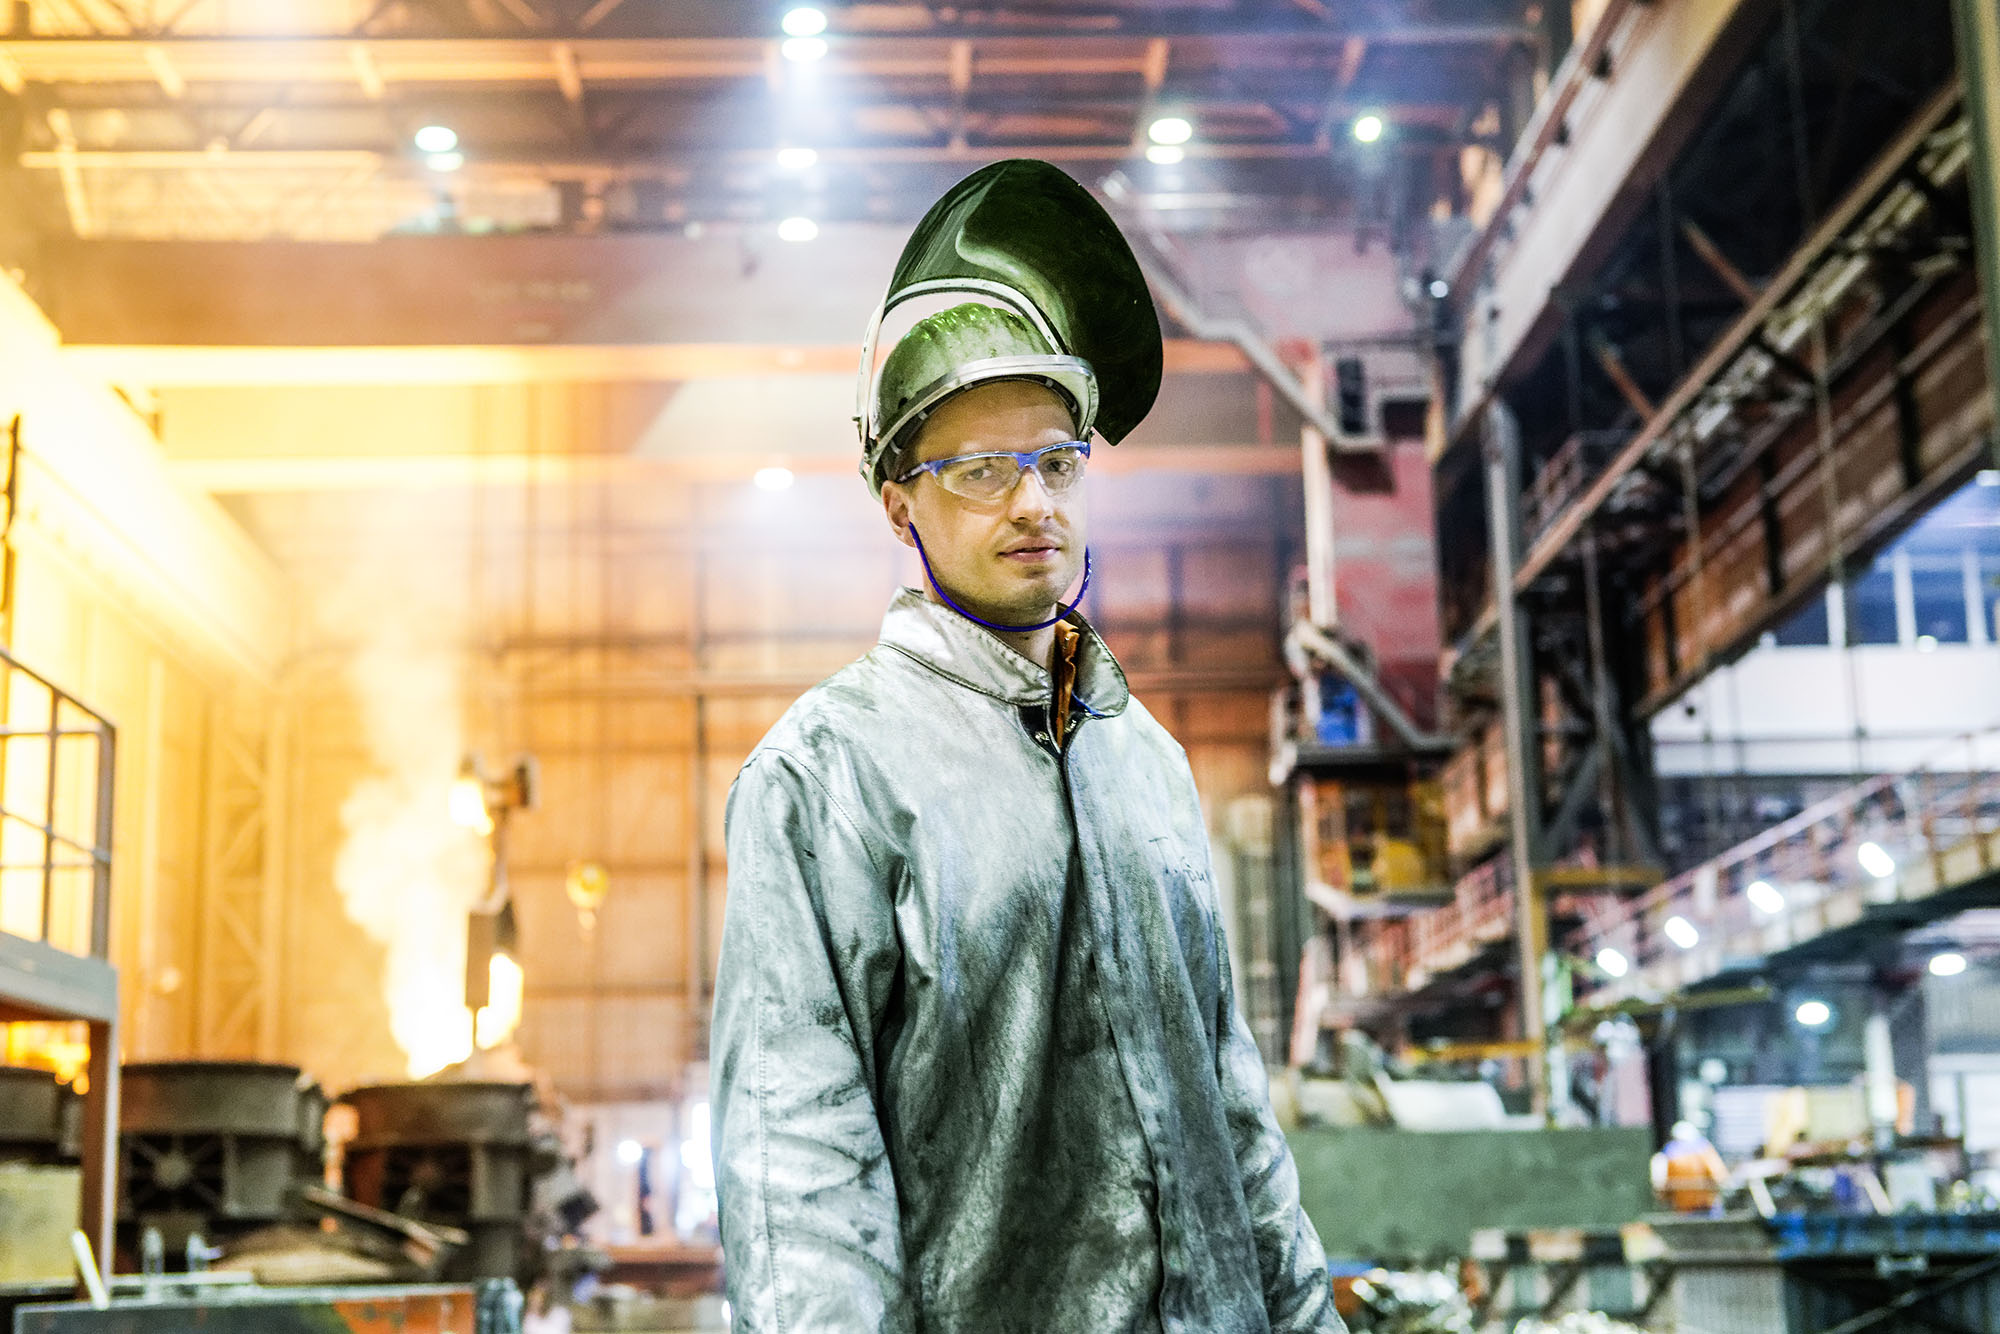 wolfram-schroll_Industriefotografie_vdm19_06